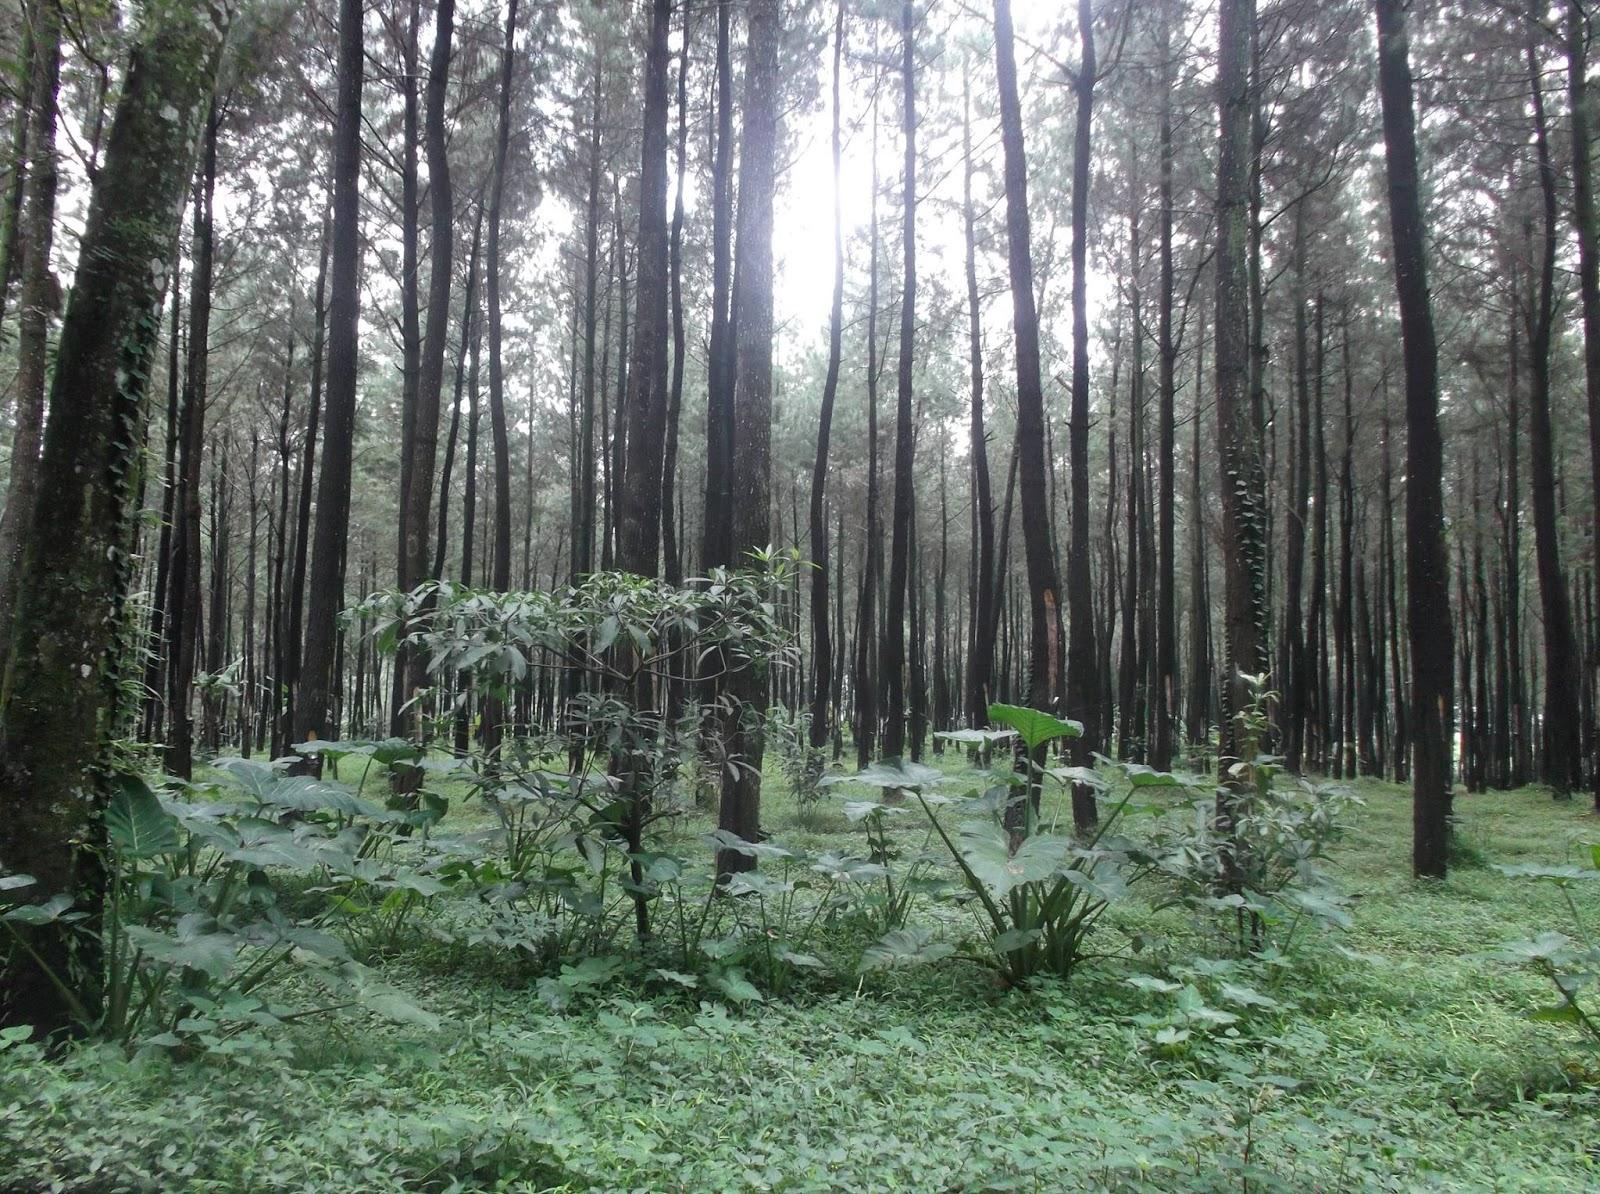 Bumi Perkemahan Seloondo Kabupaten Ngawi Jatim Situs Rapi Pemandangannya Reco